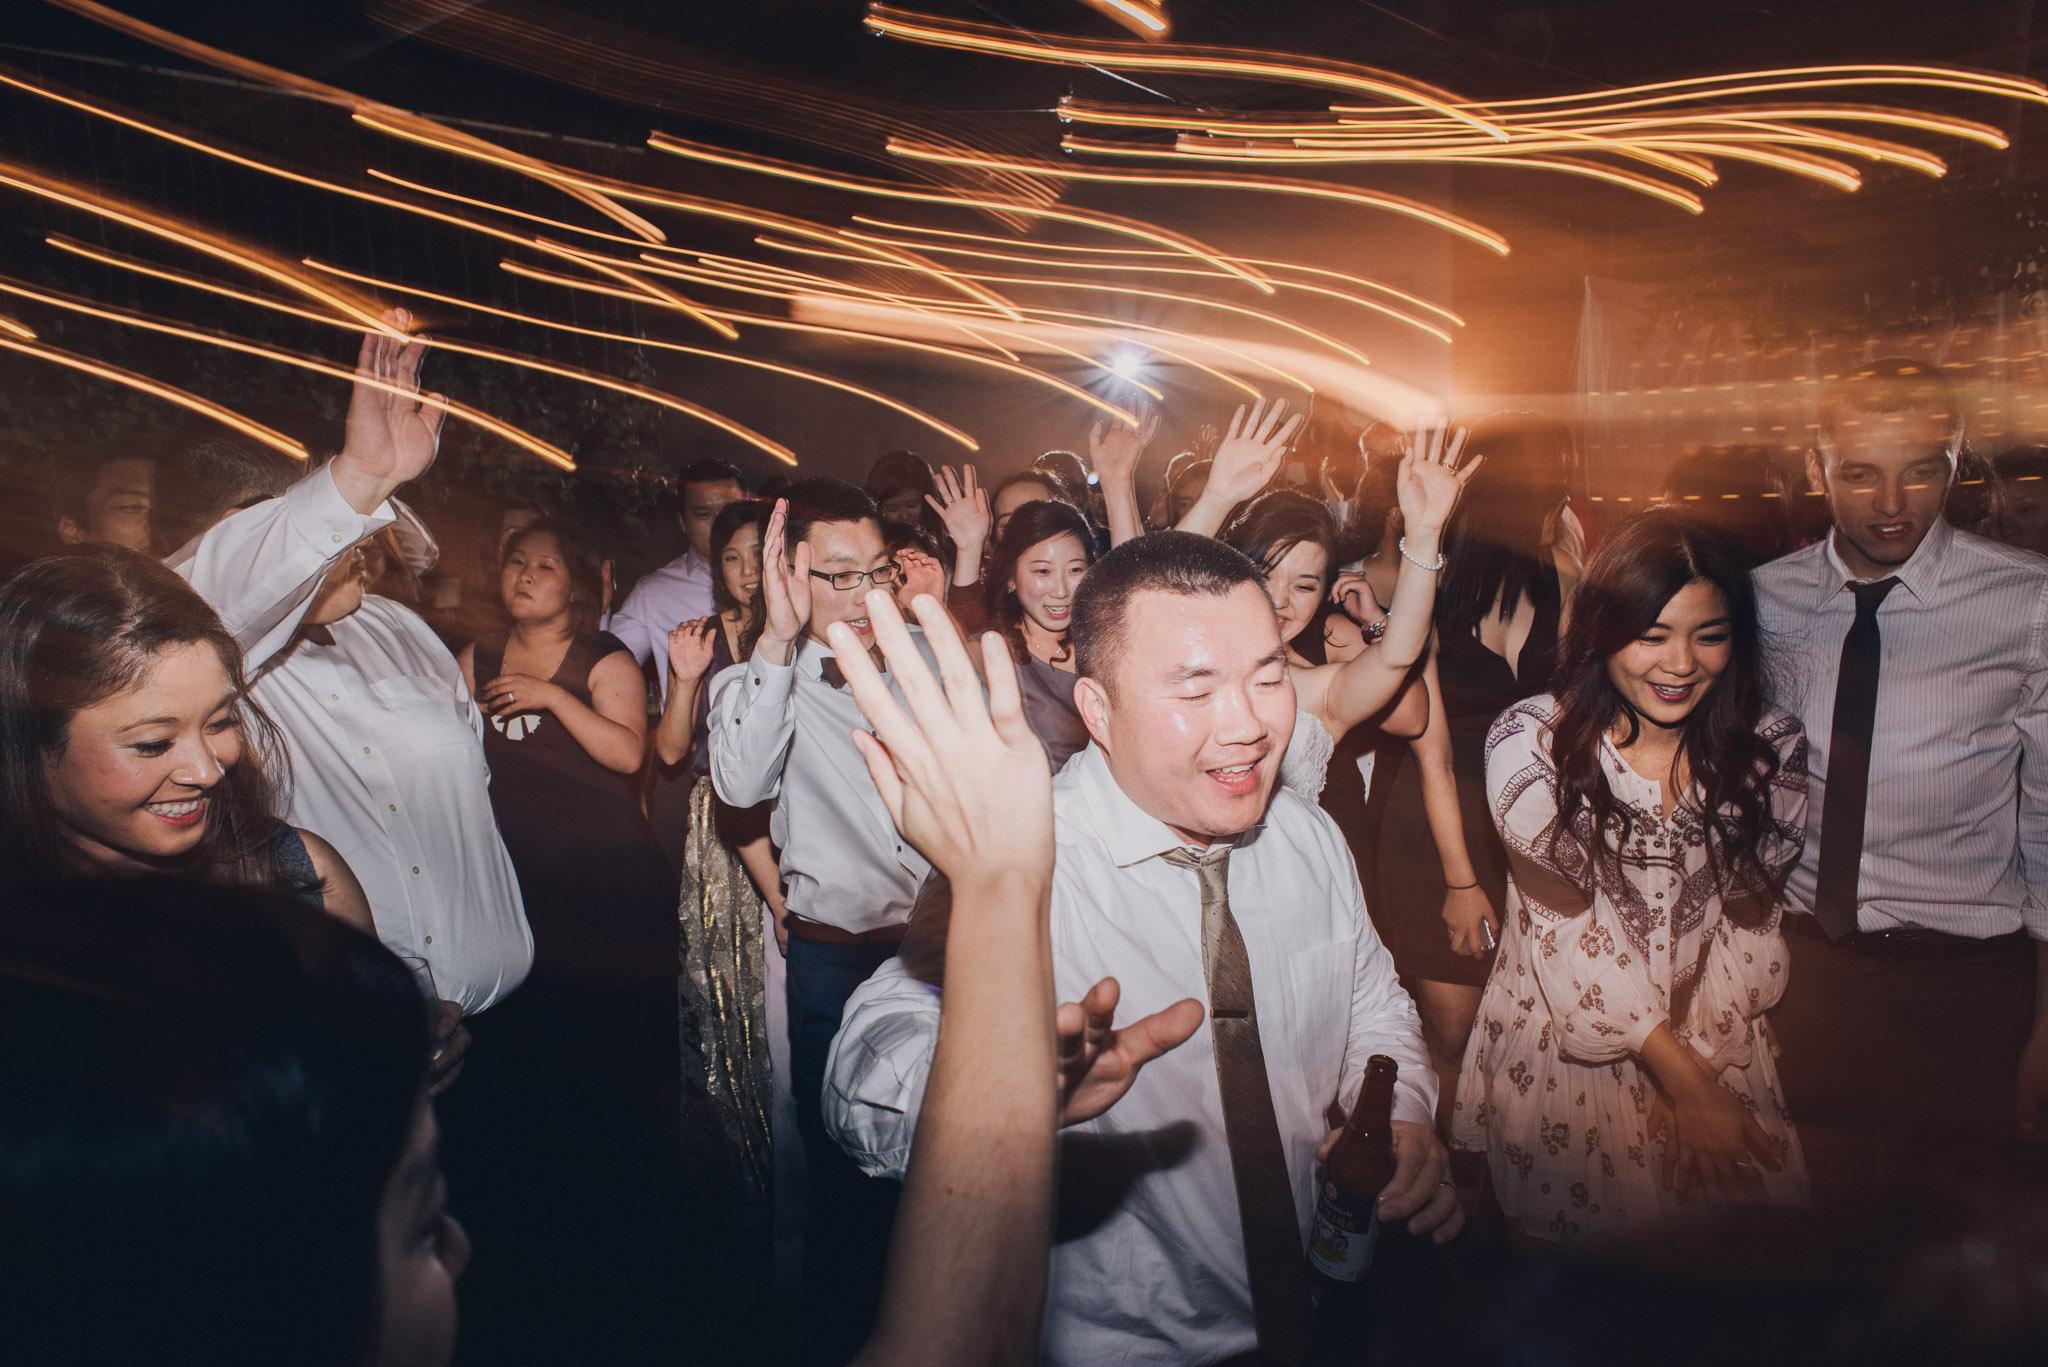 wedding dj dancing columbus ohio